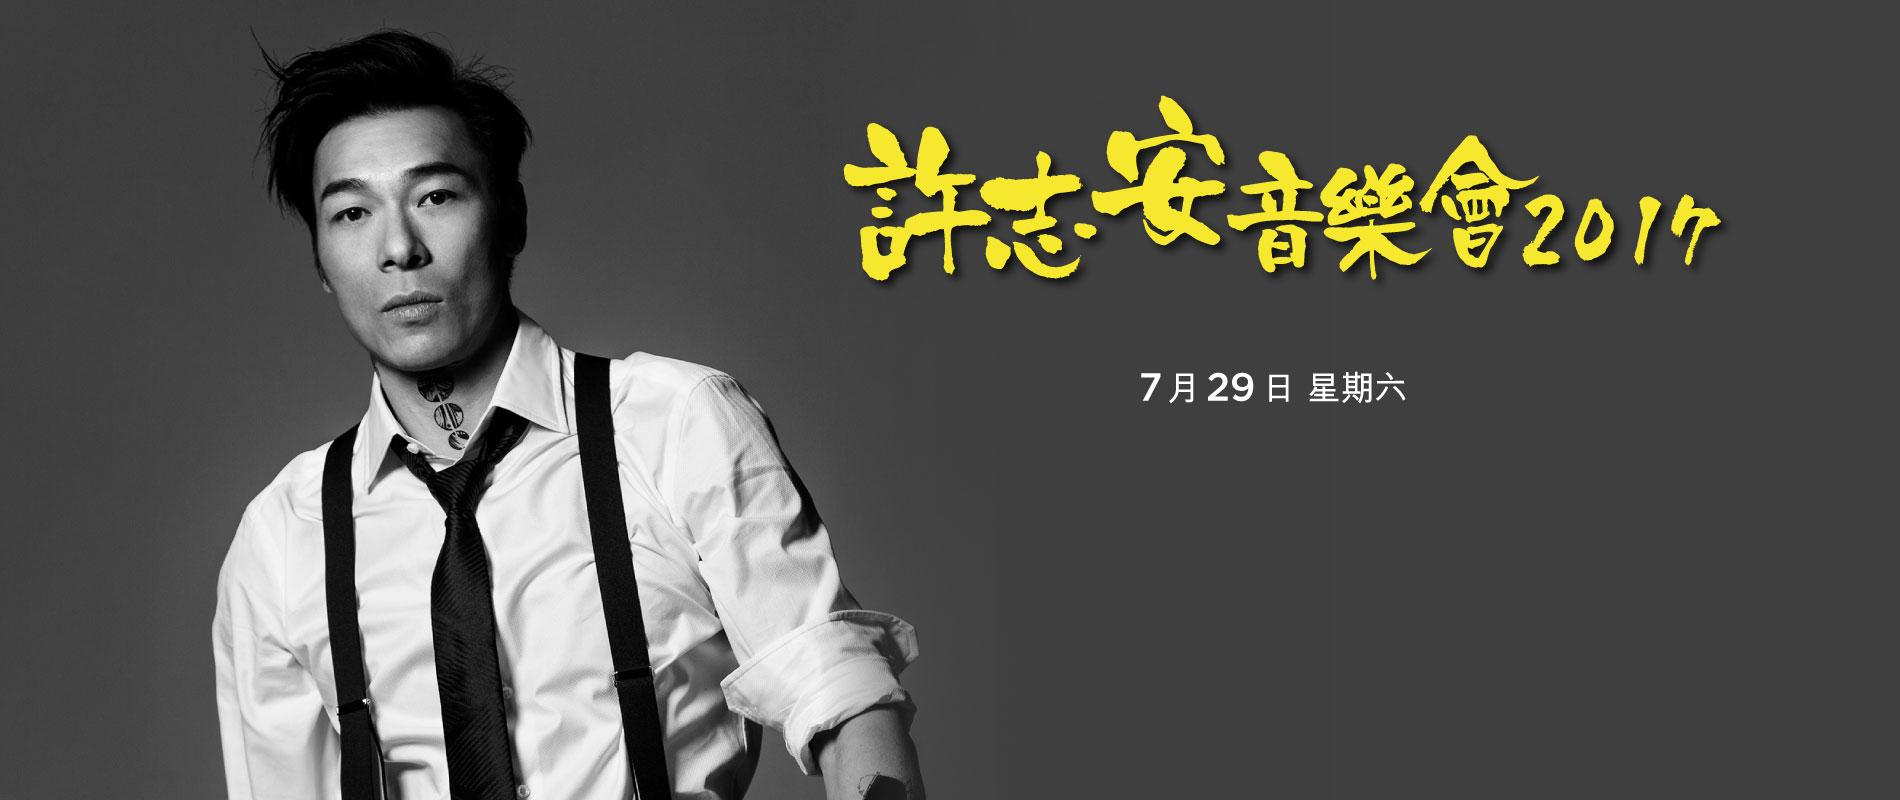 許志安音樂會2017